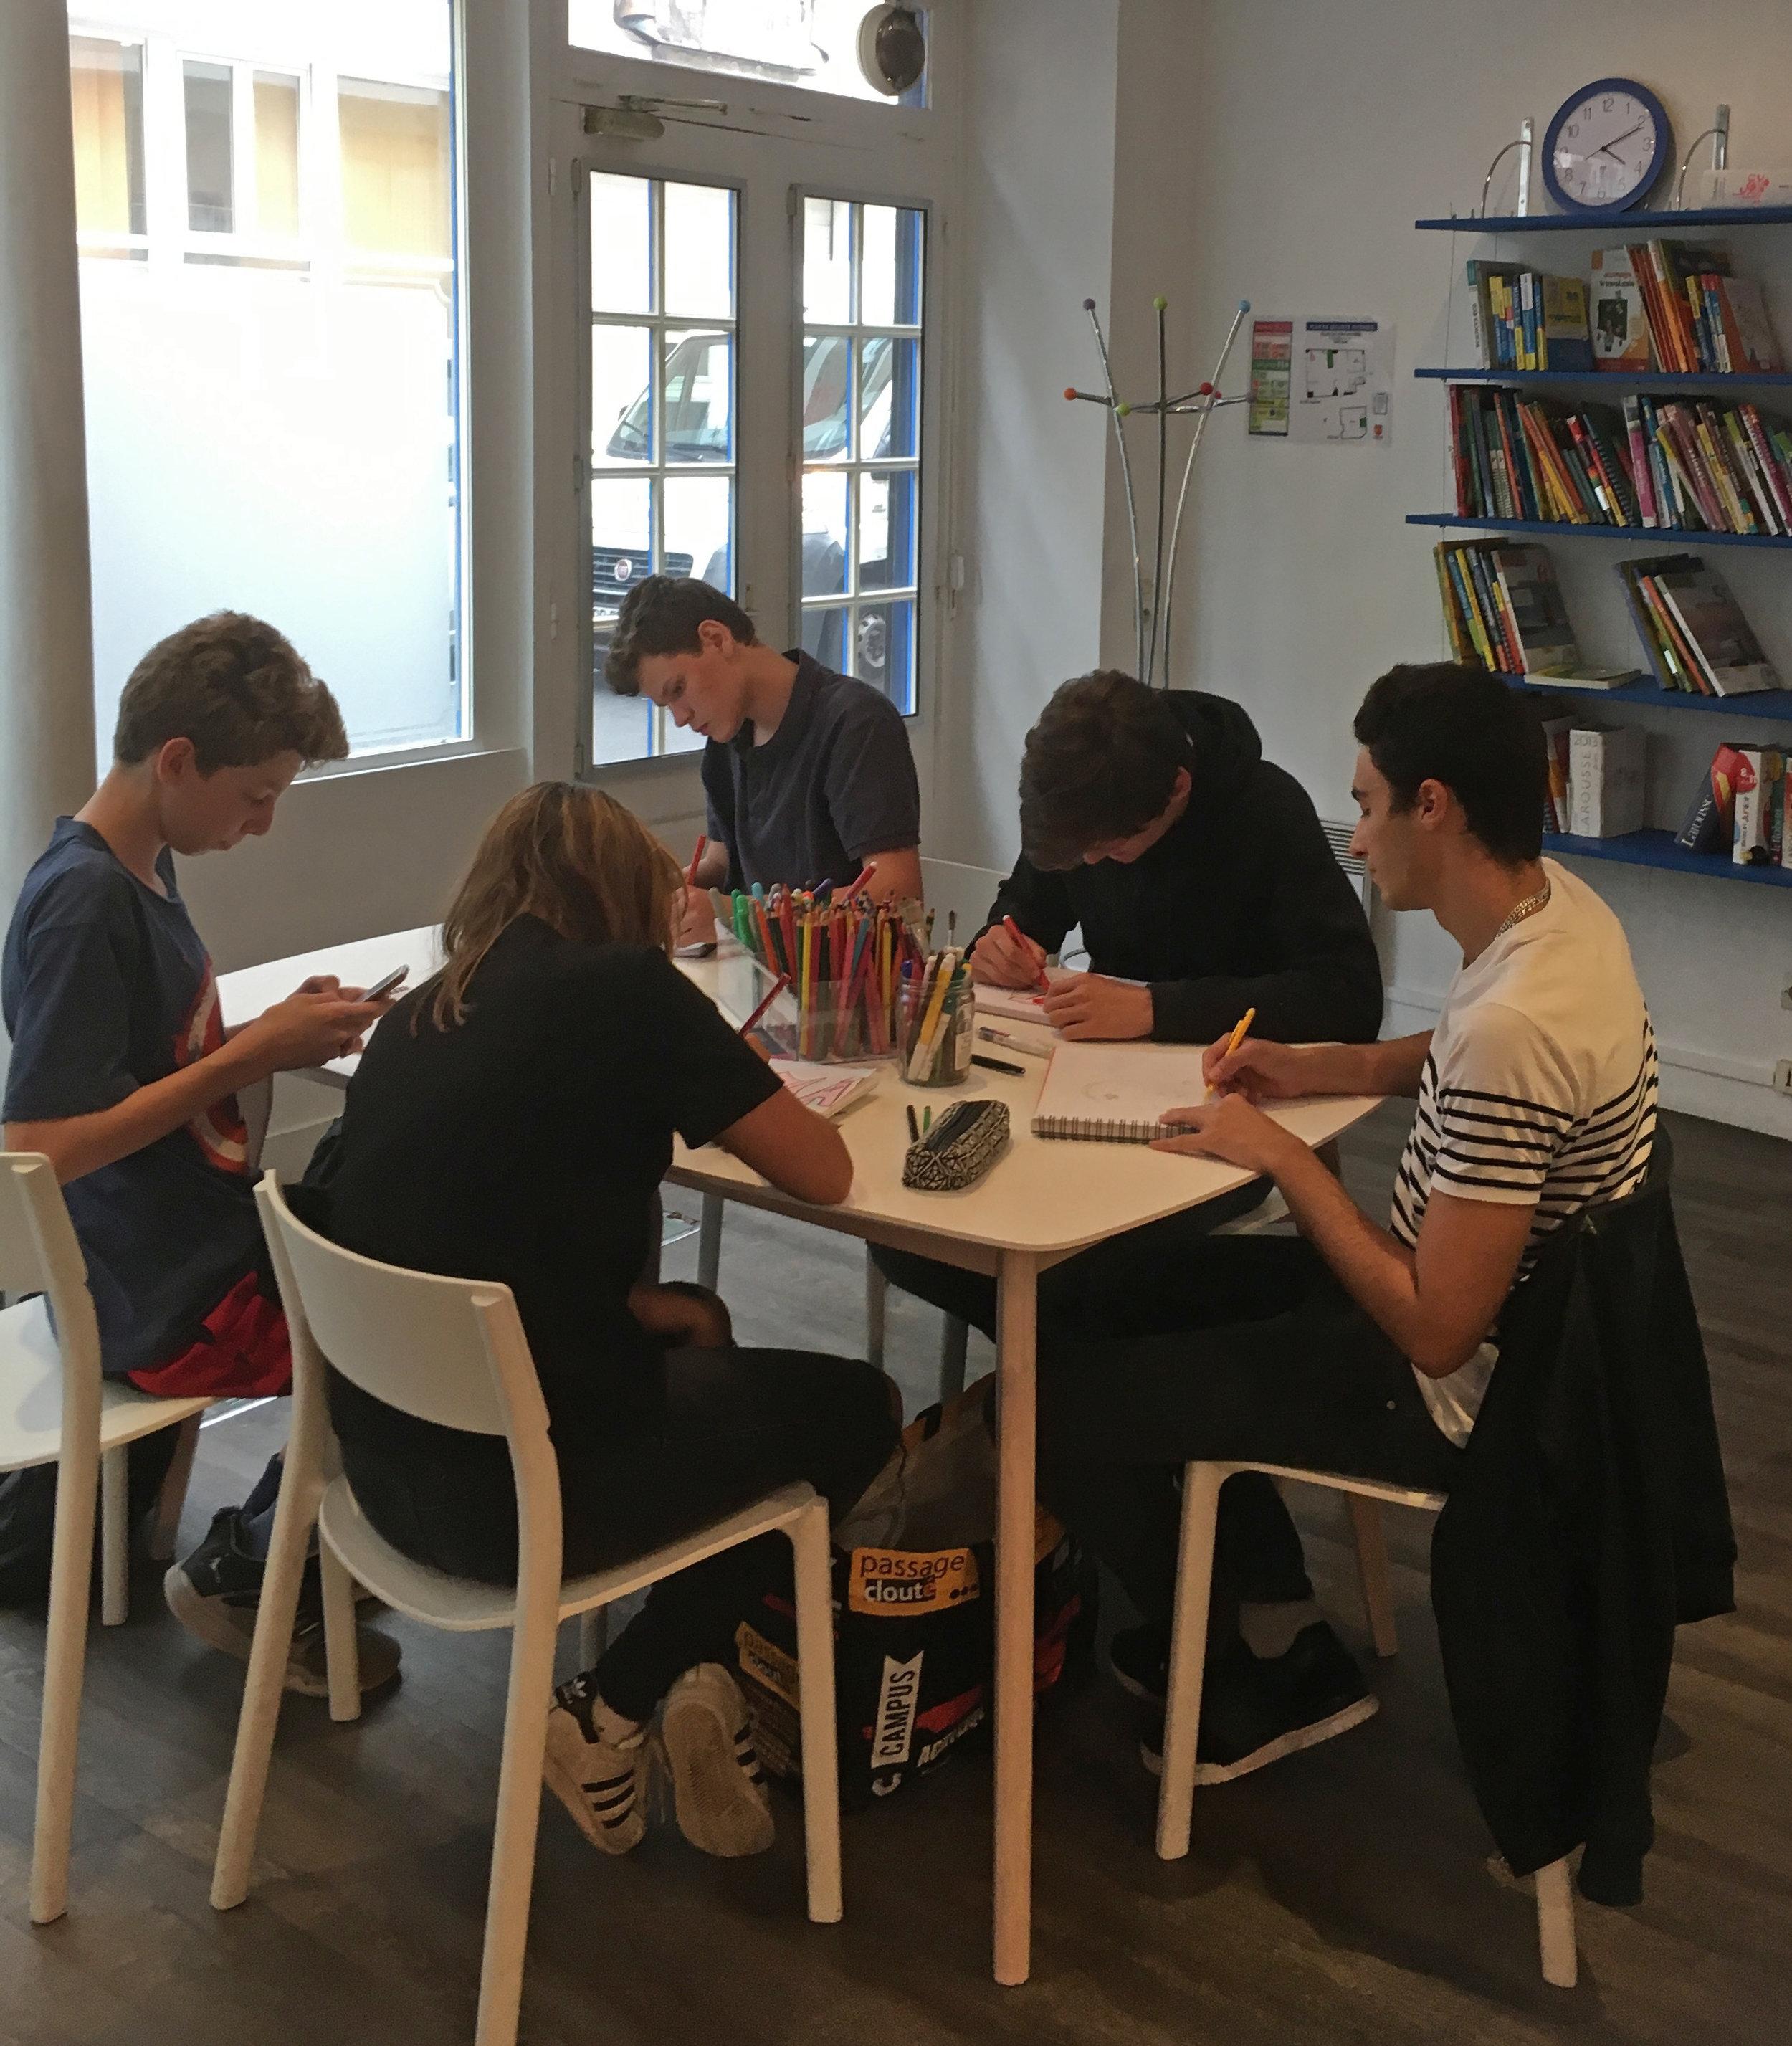 cours-peinture-adolescents-paris.jpg